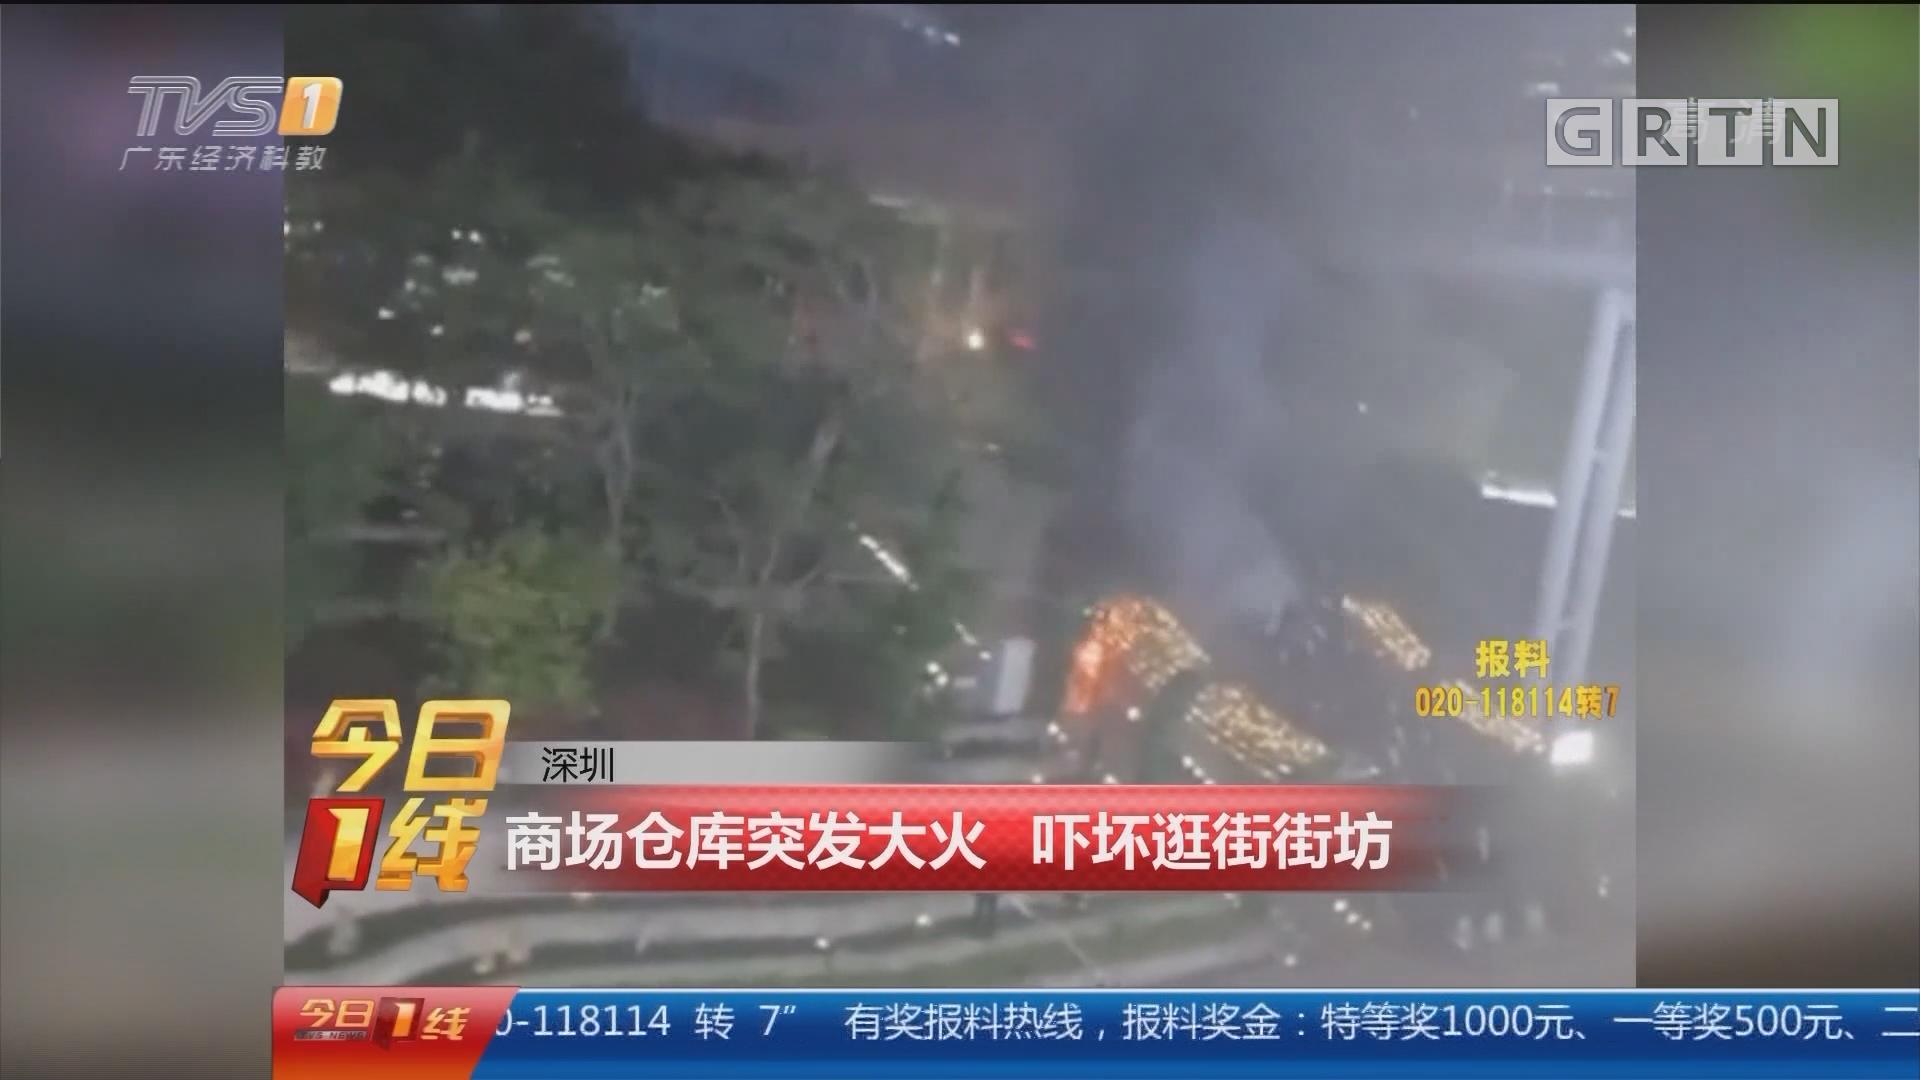 深圳:商场仓库突发大火 吓坏逛街街坊